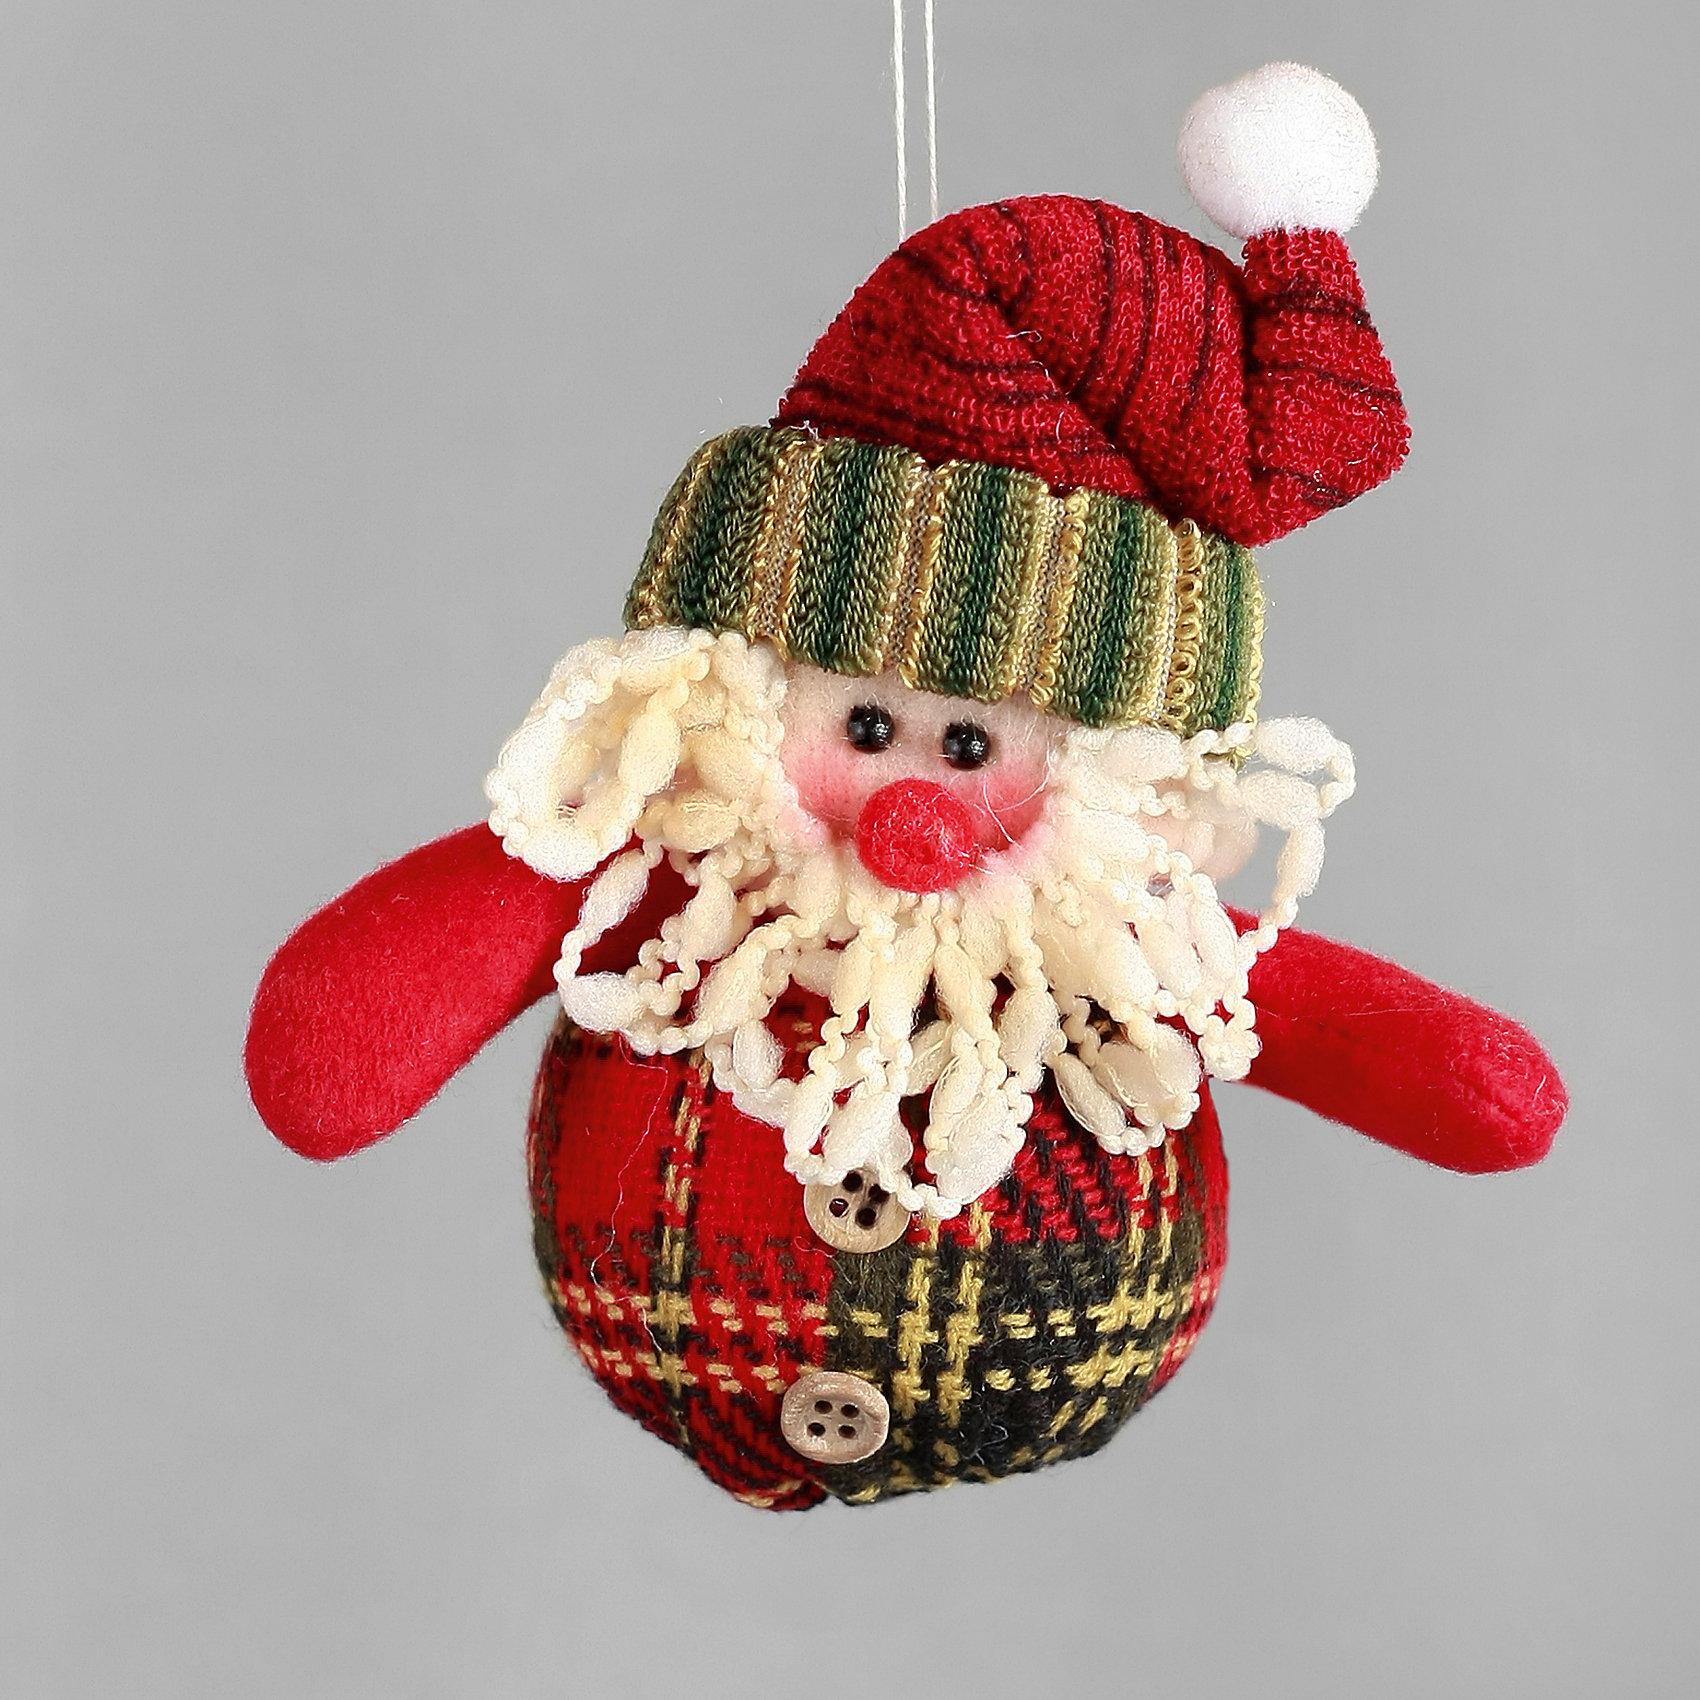 Украшение Санта в клеточкуПодвесное украшение Санта в клеточку замечательно украсит Вашу новогоднюю елку или интерьер и создаст праздничное новогоднее настроение. Украшение из мягких текстильных материалов выполнено в виде забавной фигурки Санта Клауса. У Санты красная шапочка с<br>помпончиком и симпатичный наряд в клеточку с пришитыми пуговицами, туловище мягконабивное. Благодаря специальной петельке игрушку можно повесить в любом понравившемся Вам месте.<br><br><br>Дополнительная информация:<br><br>- Материал: полиэстер.<br>- Размер фигурки: 11,43 см.<br>- Размер упаковки: 2 х 5 х 12 см.<br>- Вес: 48 гр.<br><br><br>Подвесное украшение Санта в клеточку можно купить в нашем интернет-магазине.<br><br>Ширина мм: 120<br>Глубина мм: 440<br>Высота мм: 30<br>Вес г: 100<br>Возраст от месяцев: 36<br>Возраст до месяцев: 2147483647<br>Пол: Унисекс<br>Возраст: Детский<br>SKU: 4274734